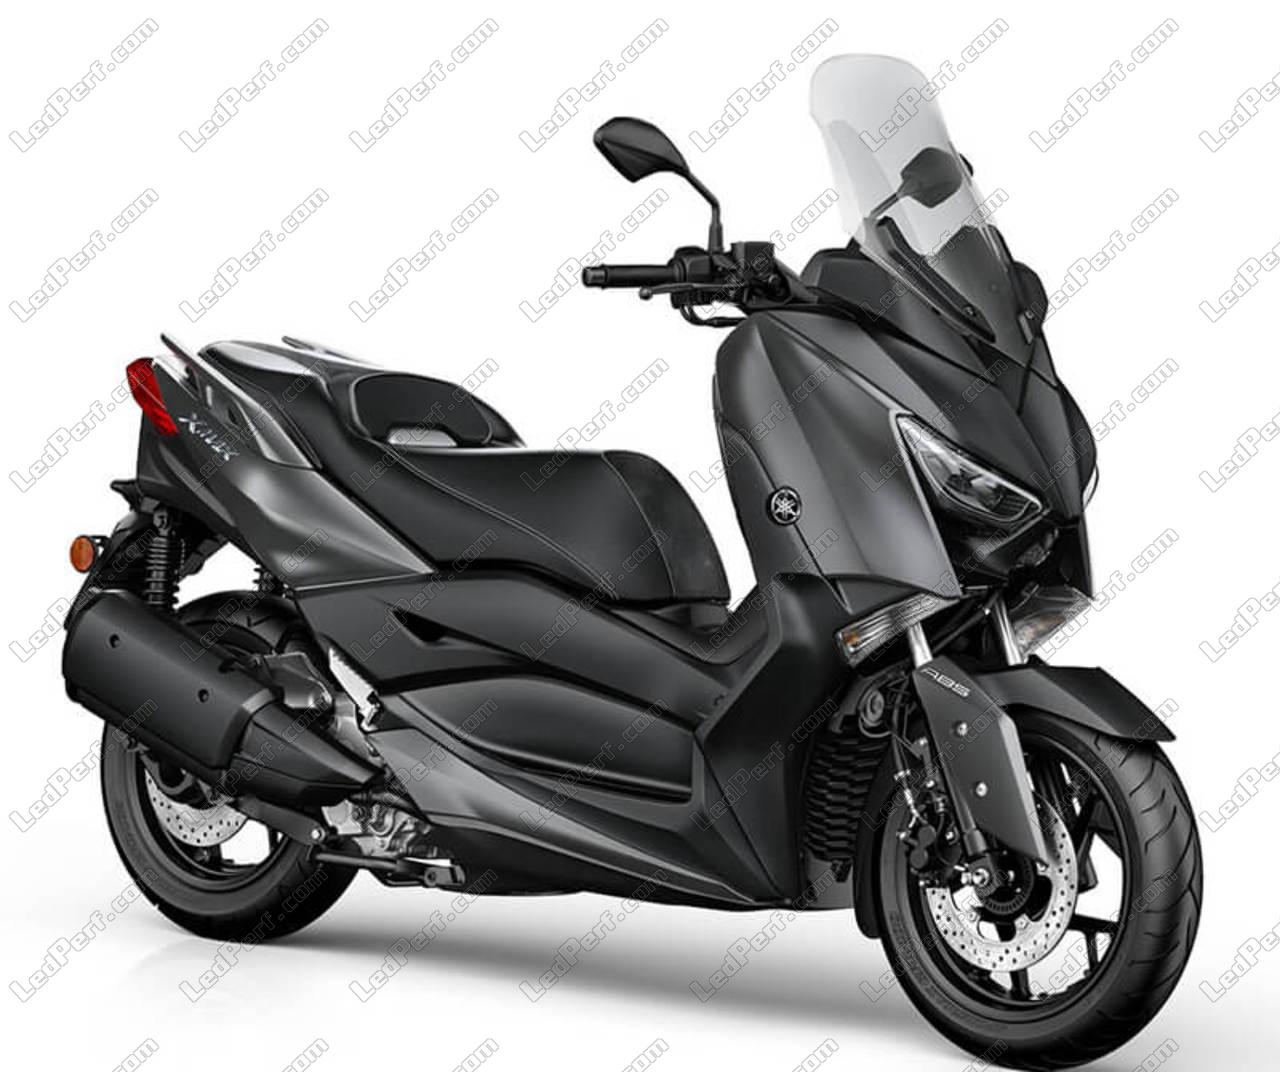 Motorfreaks - Test: Yamaha X-MAX 300 - Beste X-MAX ooit?